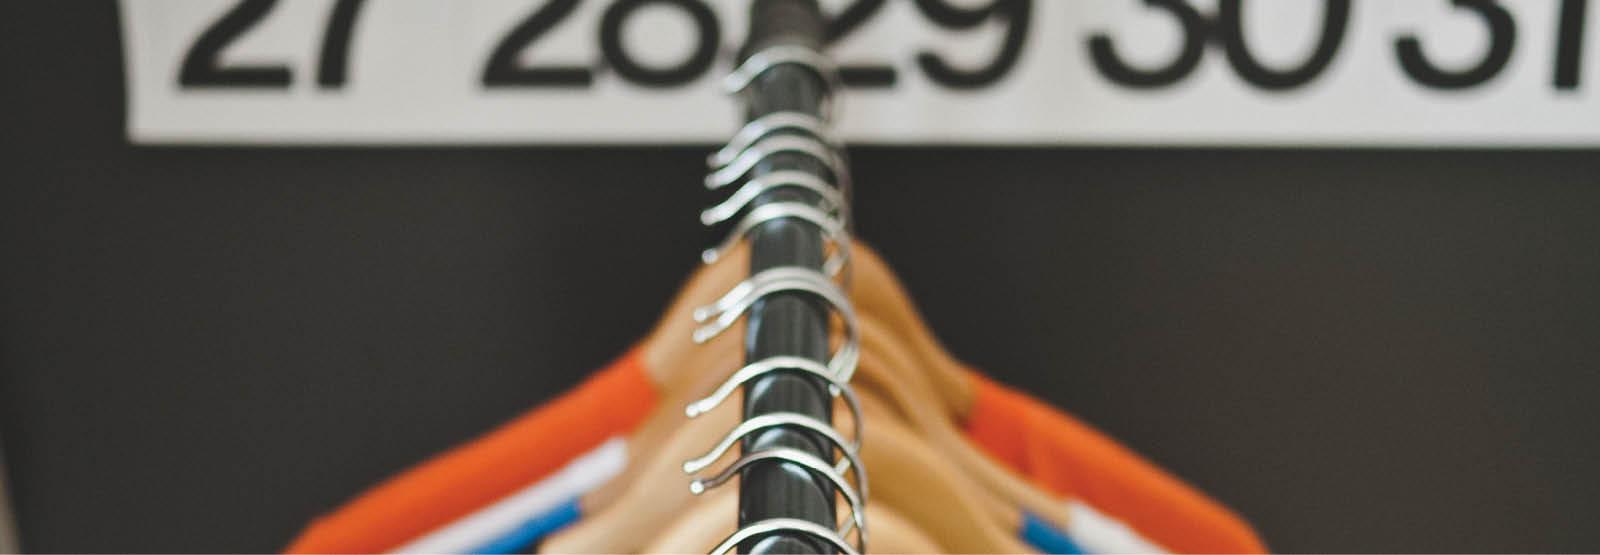 Agile Retailing